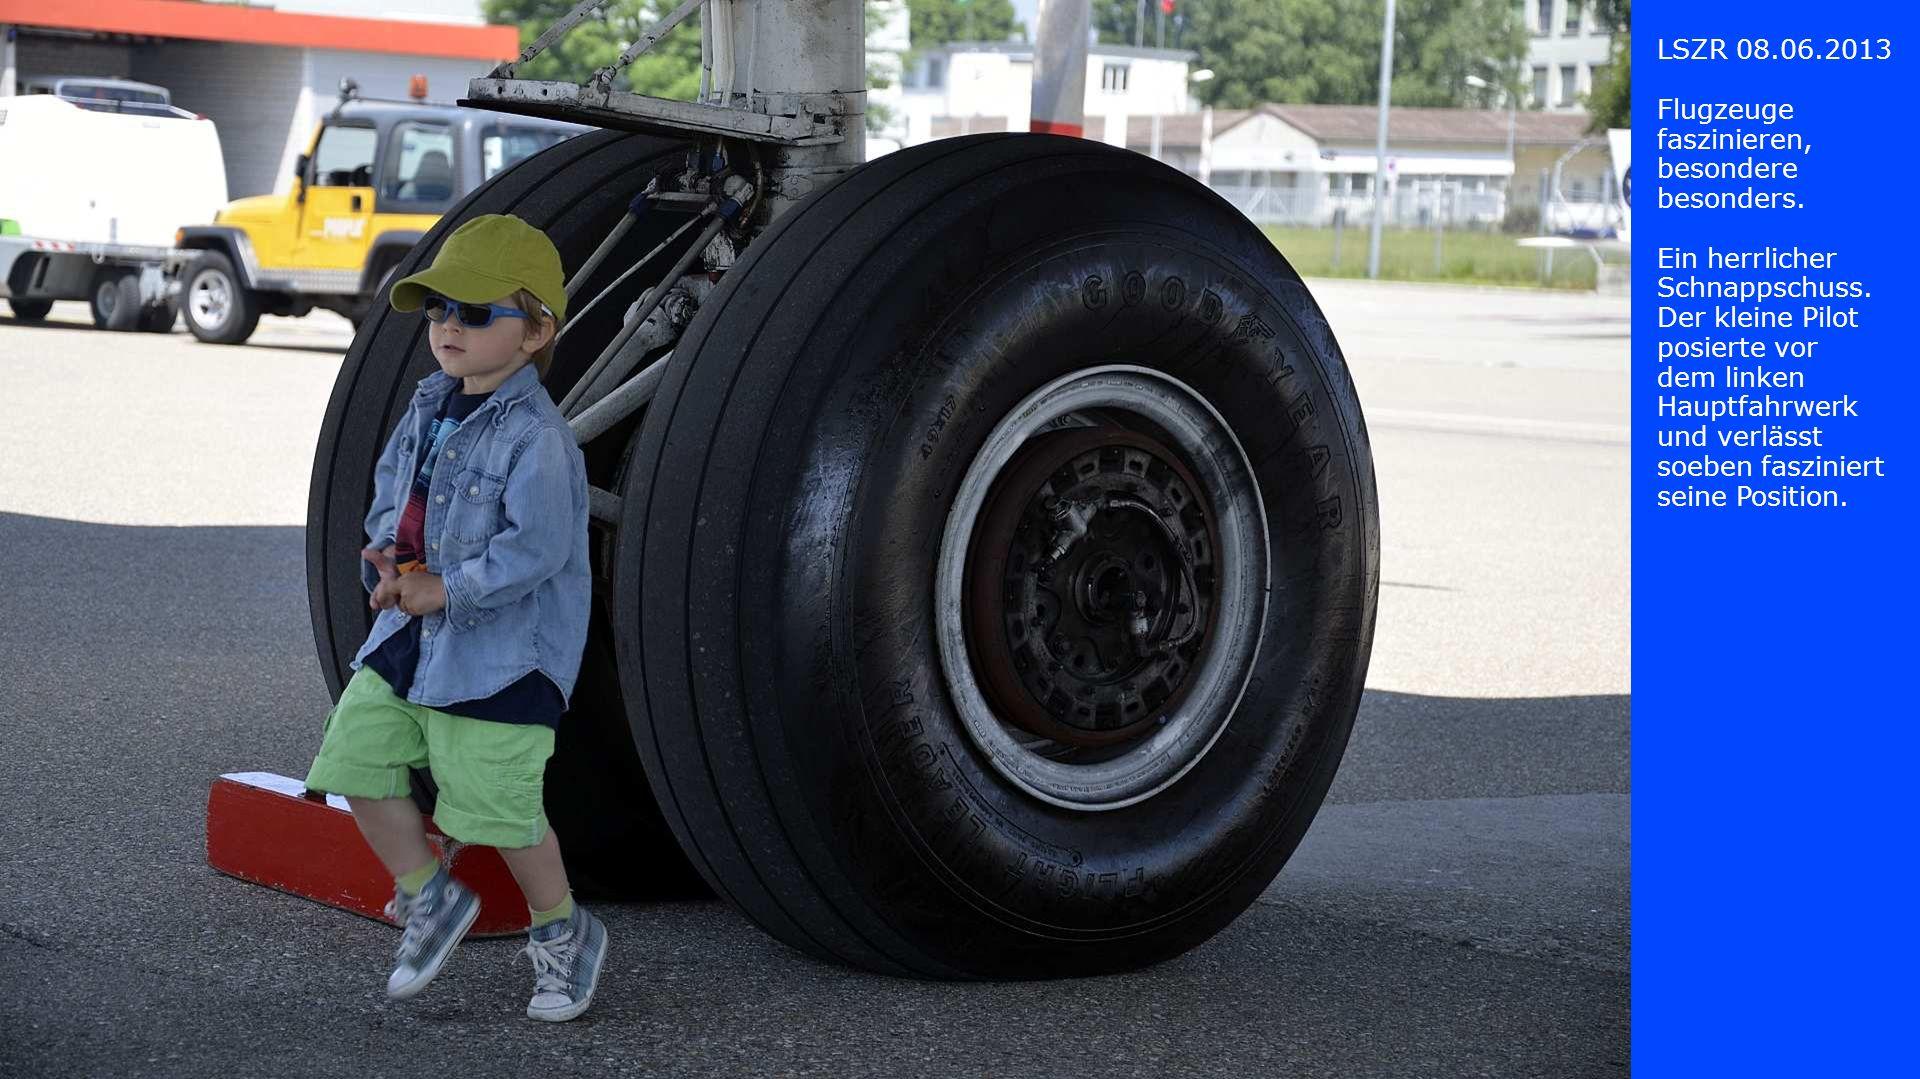 LSZR 08.06.2013 Flugzeuge faszinieren, besondere. besonders. Ein herrlicher Schnappschuss.